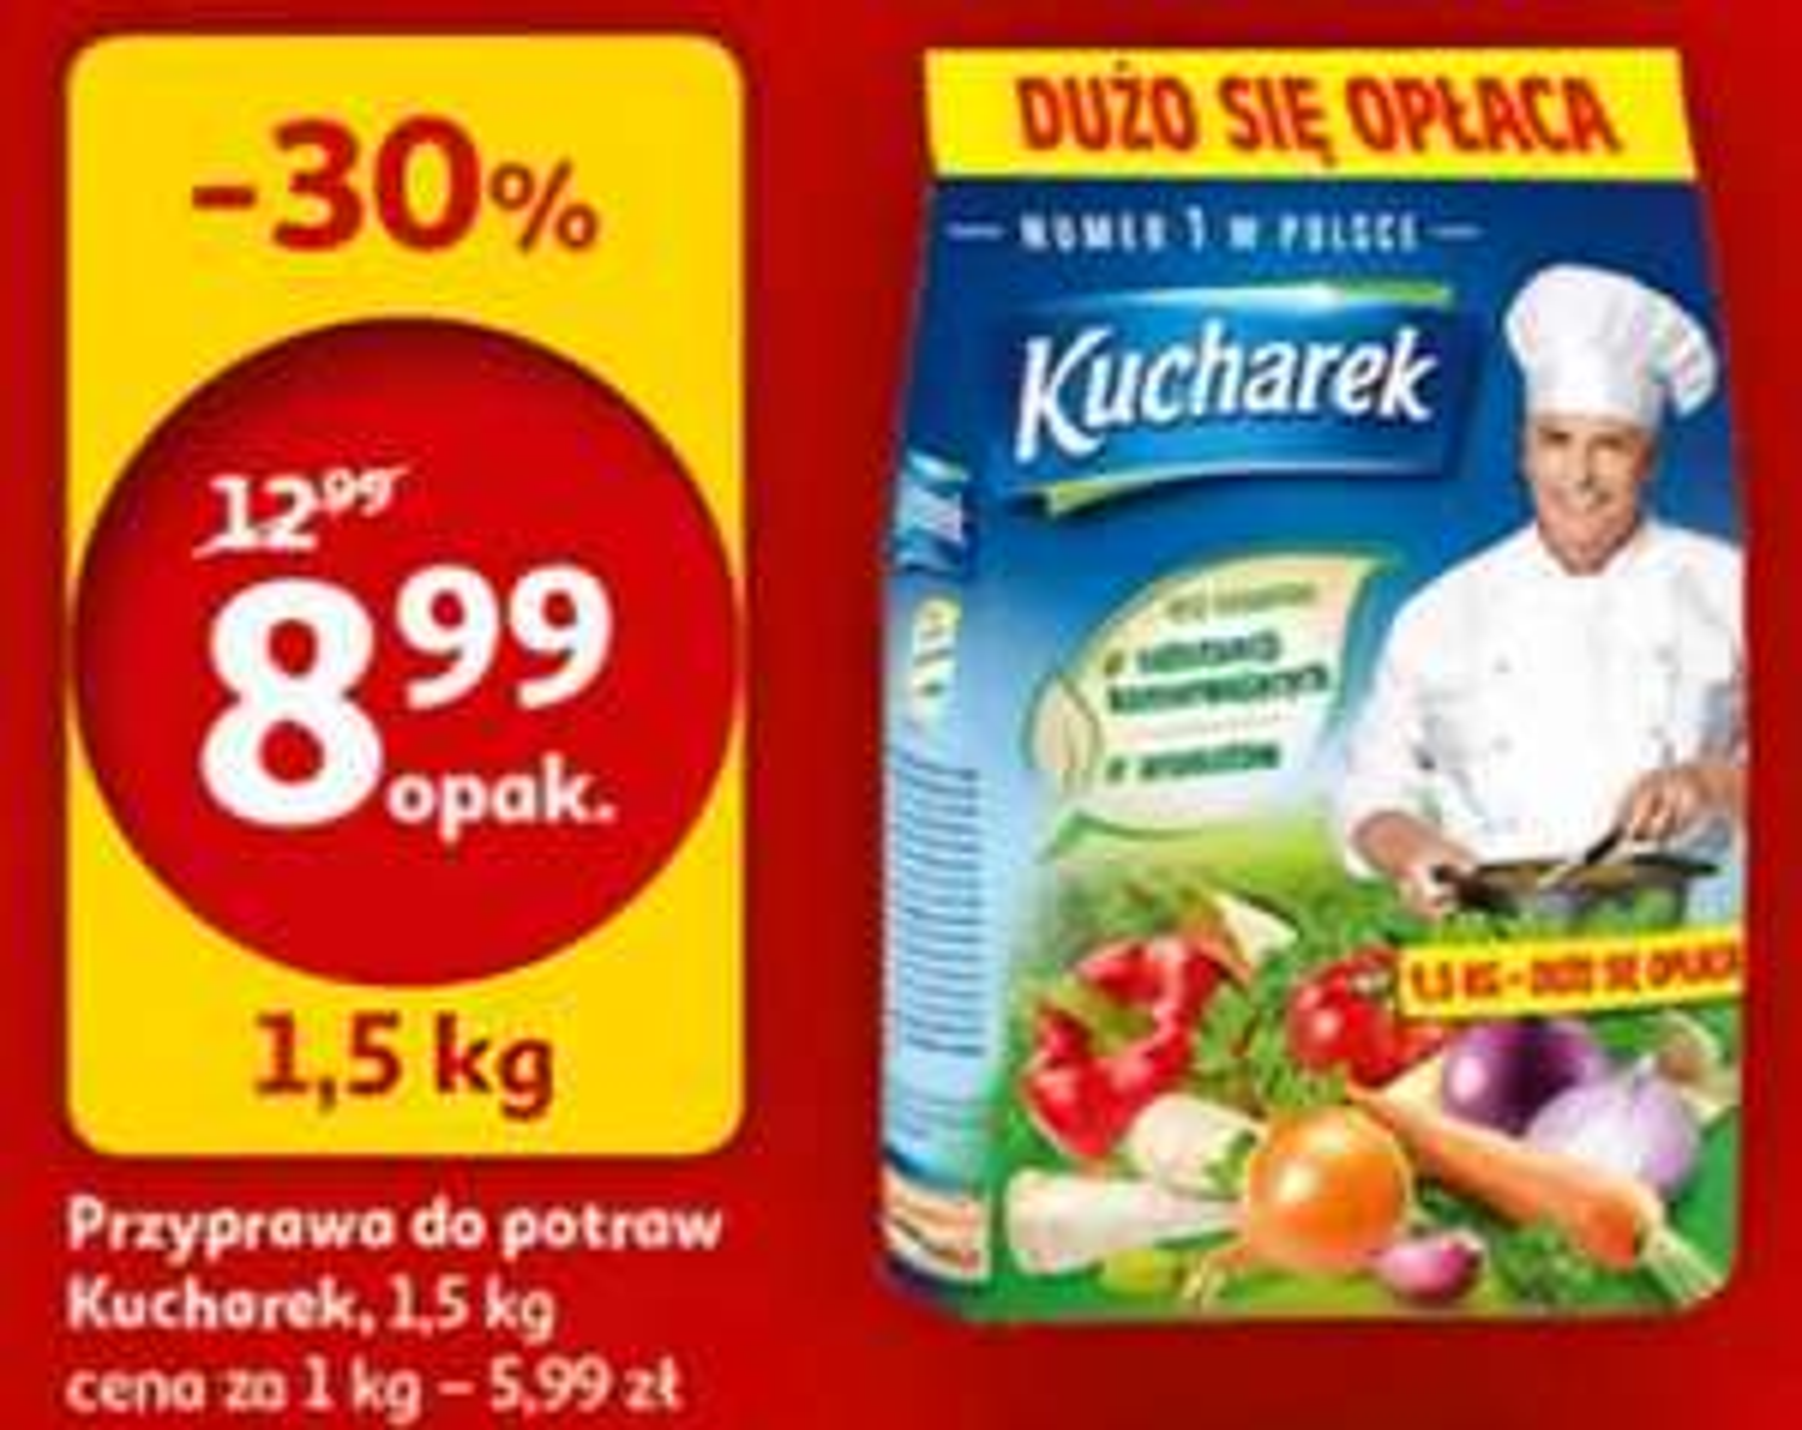 [Auchan] Kucharek 1.5 kg za 8.99 zł